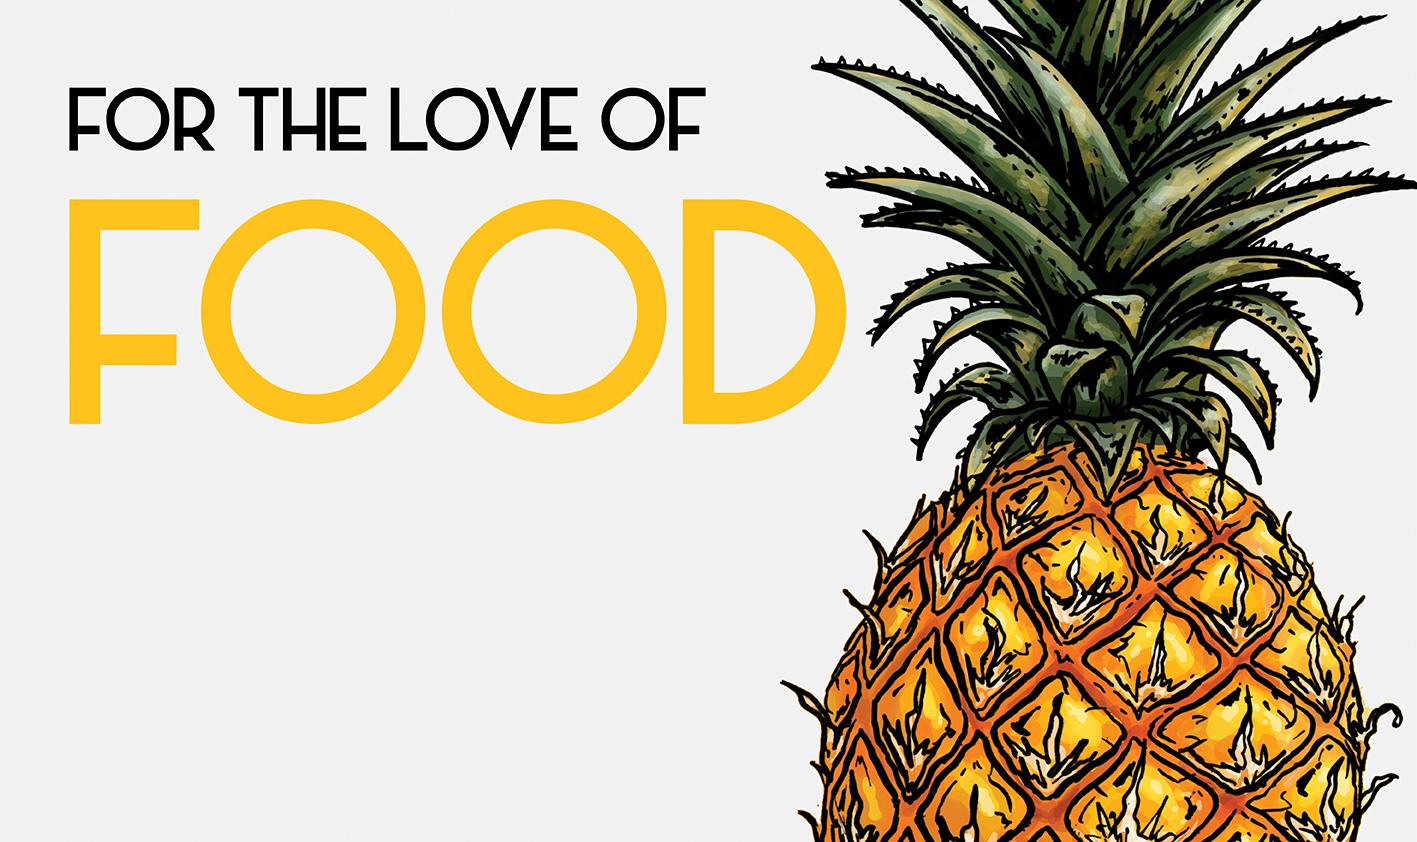 Banner-images-FOOD-2.jpg